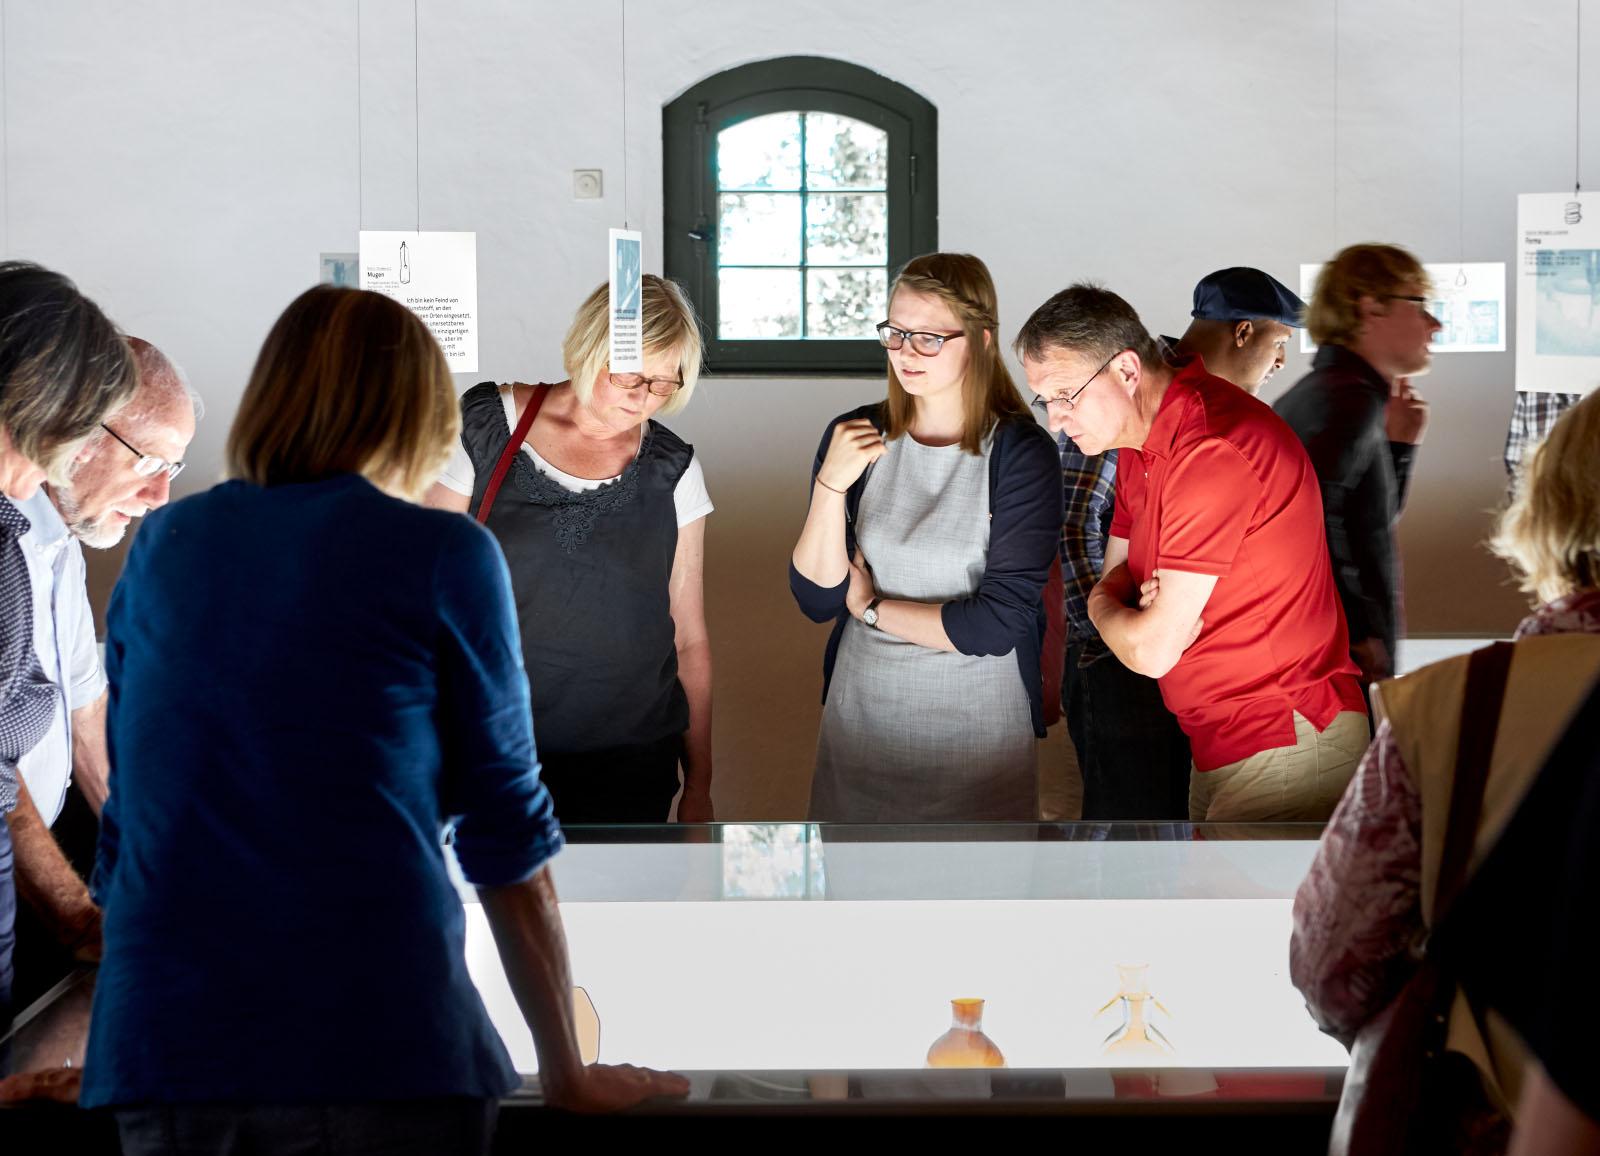 """Fotodokumentation der Ausstellung """"Edition Gernheim: Junges Glas-Design im Industriemuseum Glashütte Gernheim"""""""